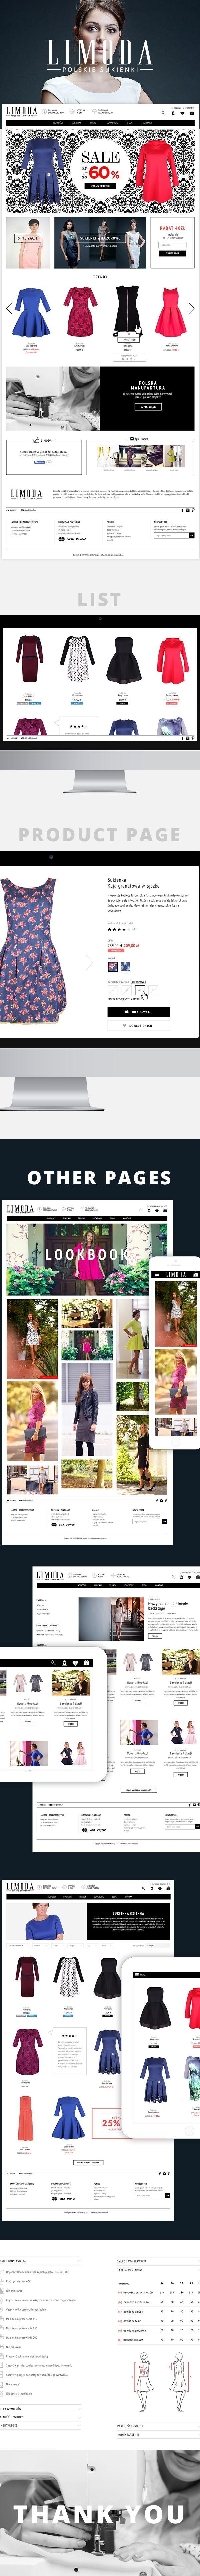 Limoda.pl - Polish dresses e-commerce